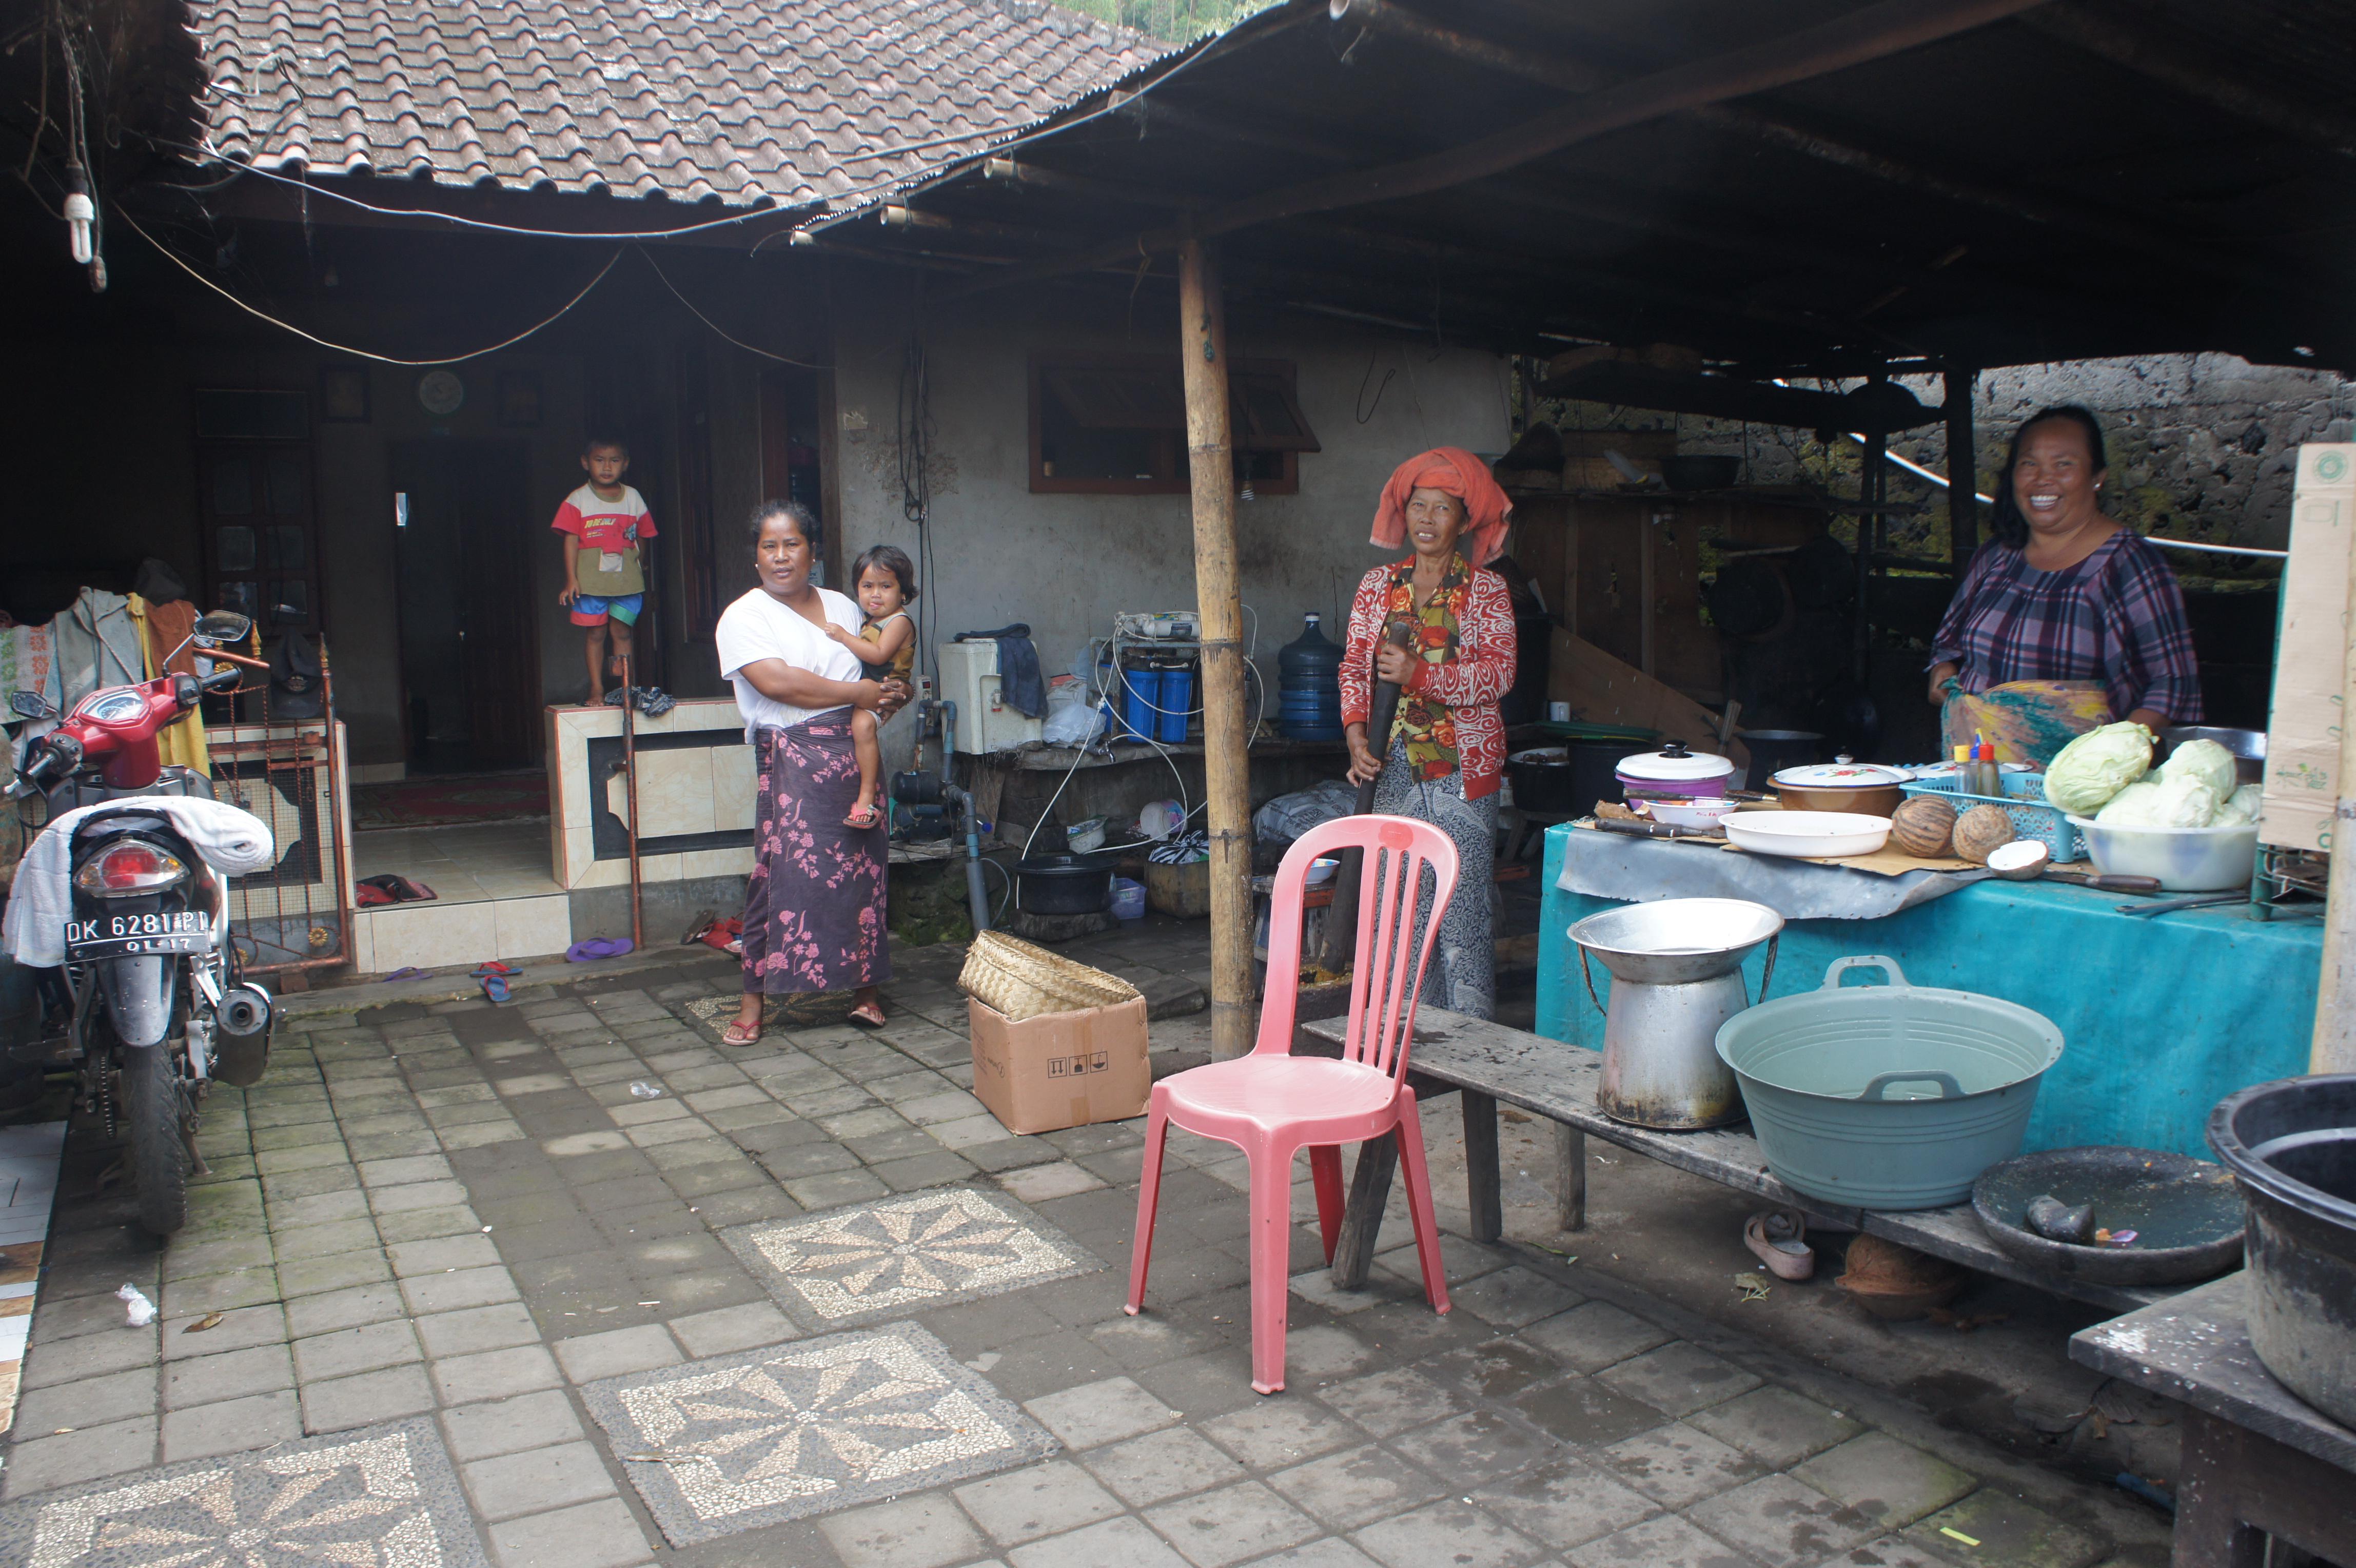 ▲Trunyan村の人たち。言葉は通じなかったが、気さくな人たちばかりだった